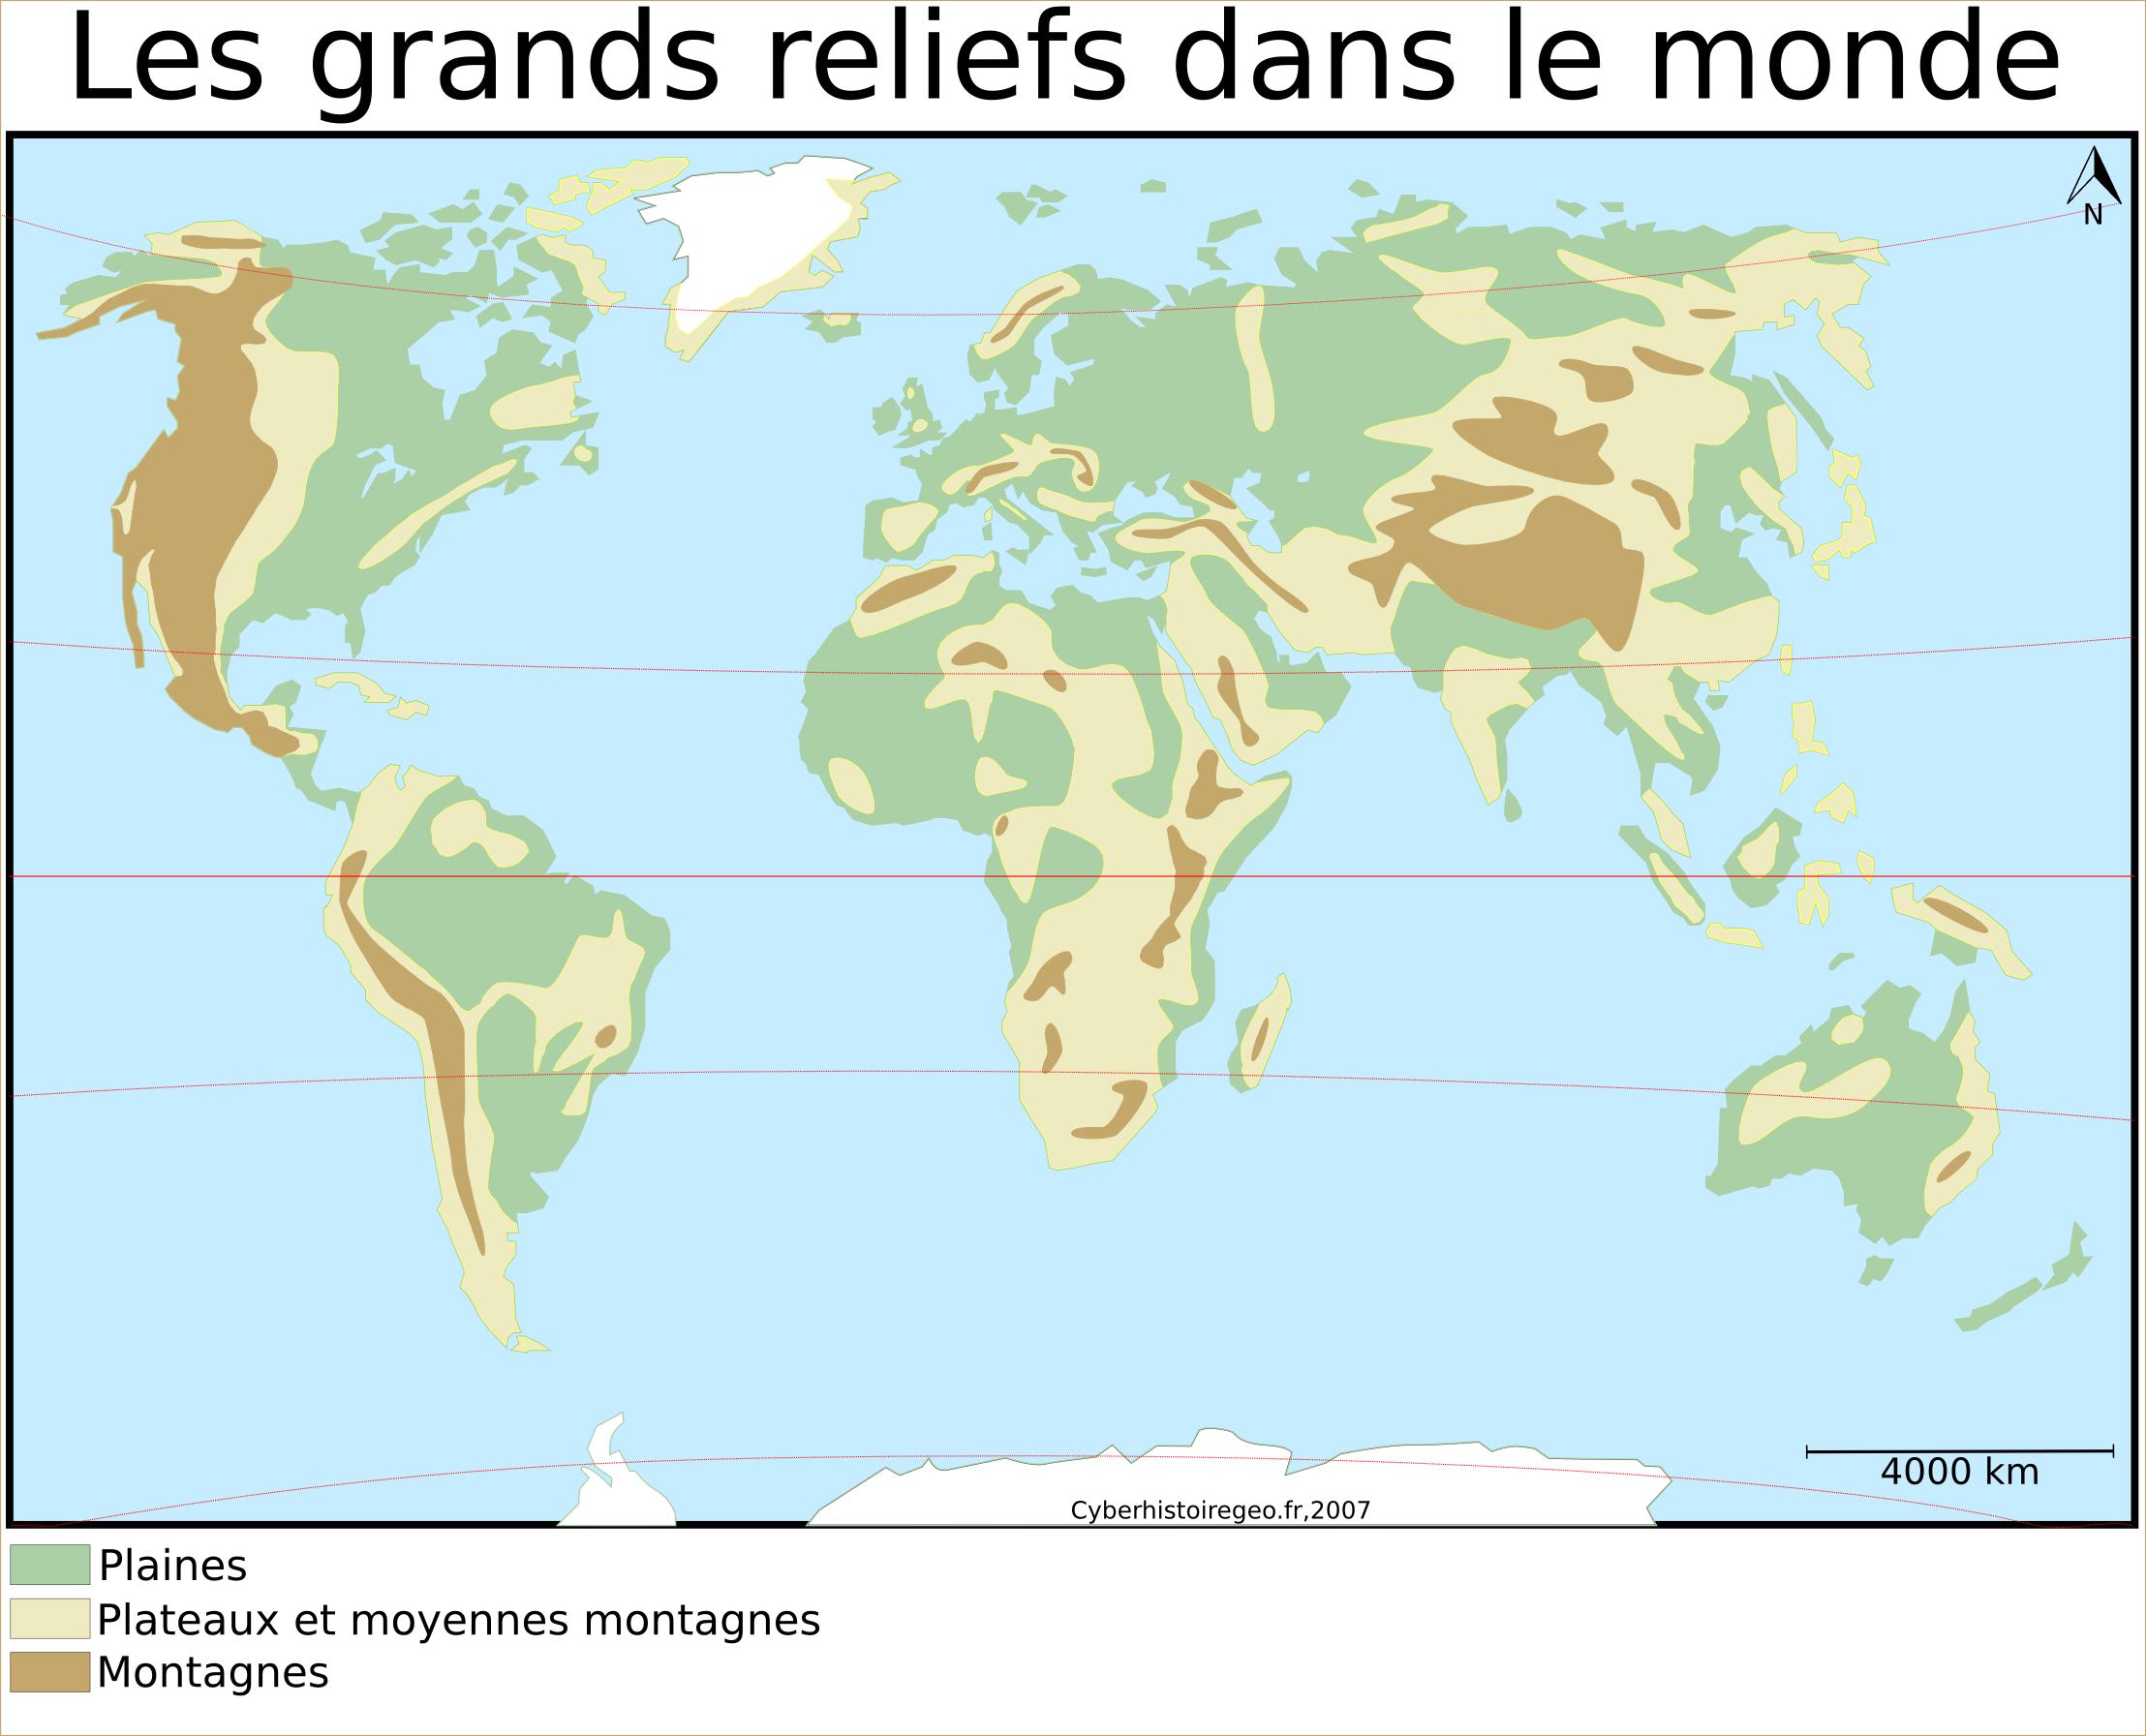 Top Les grands reliefs dans le monde: carte et fond de carte  MO03